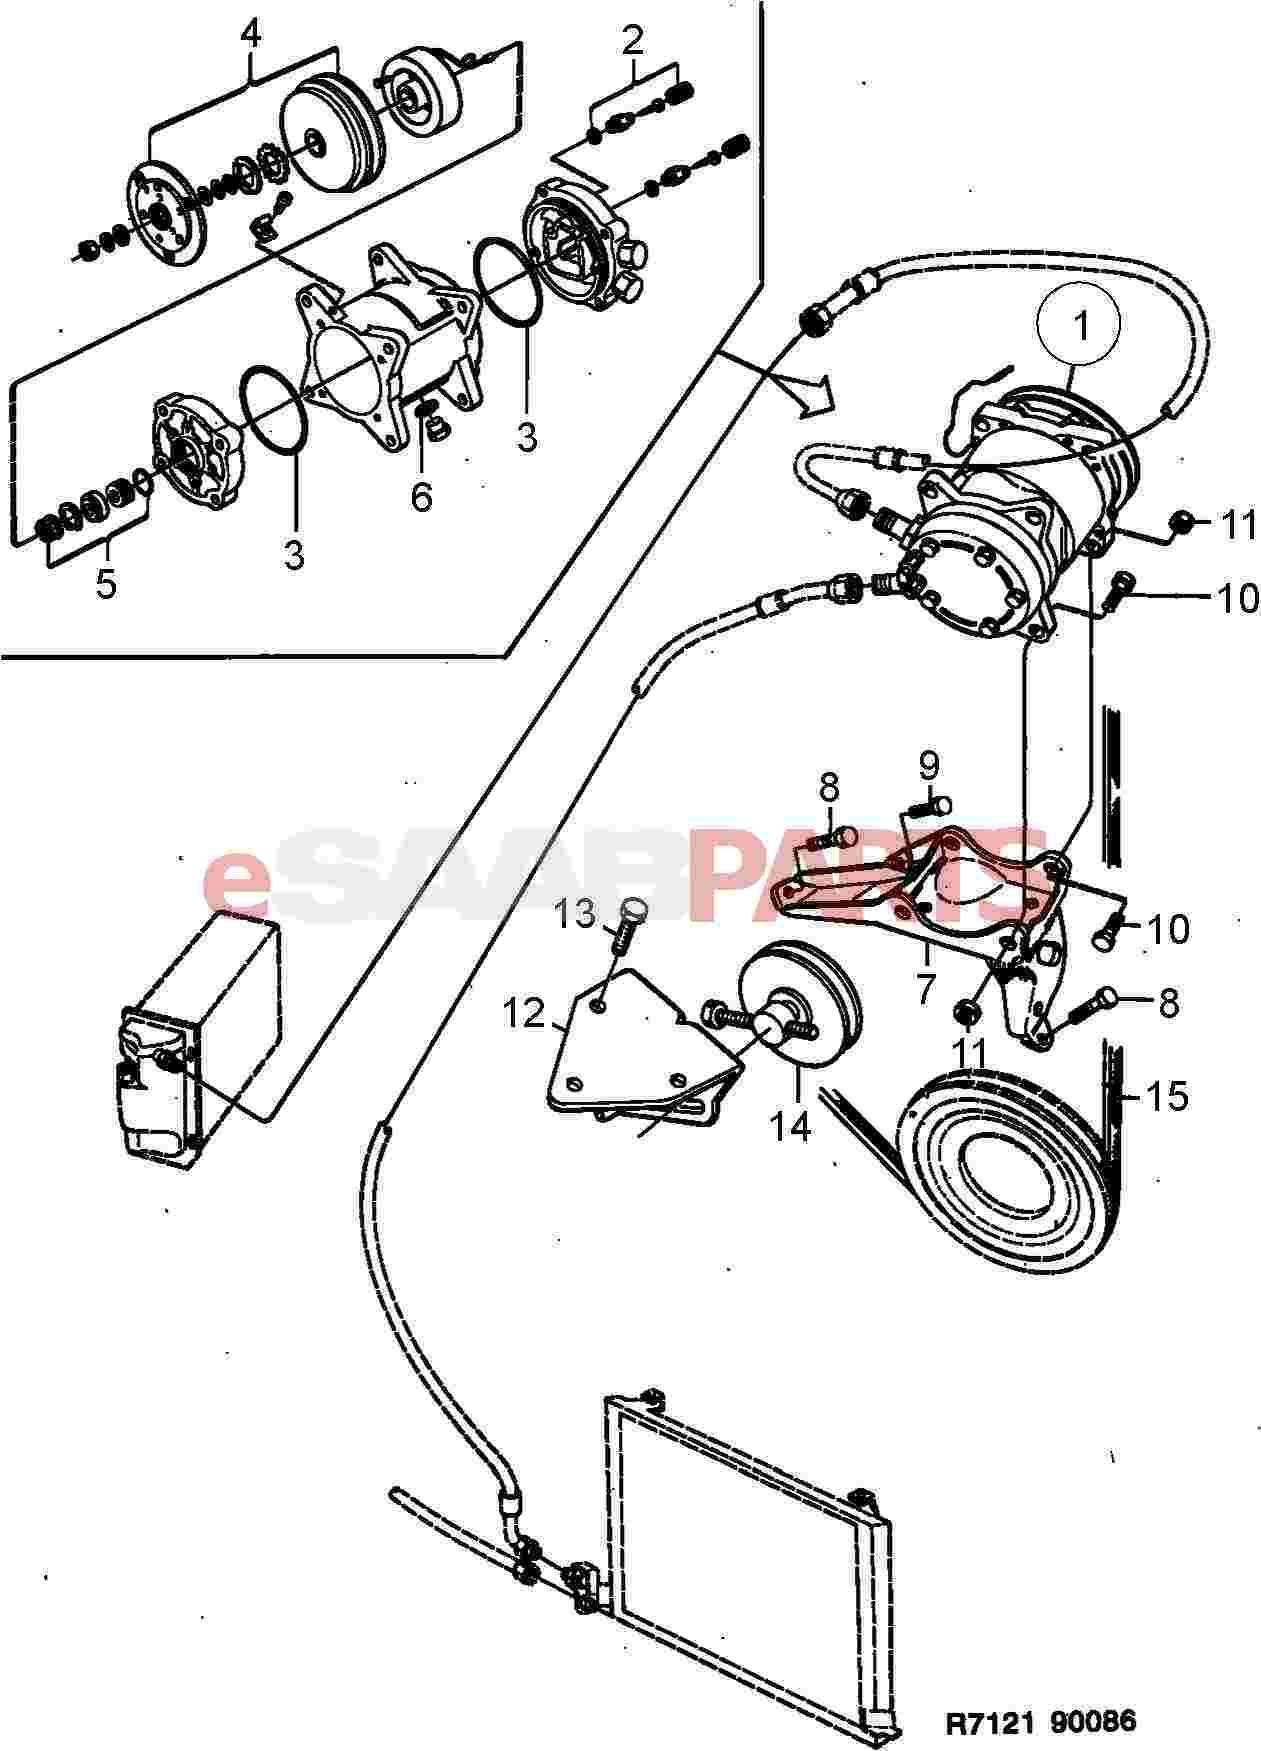 Diagram image 15